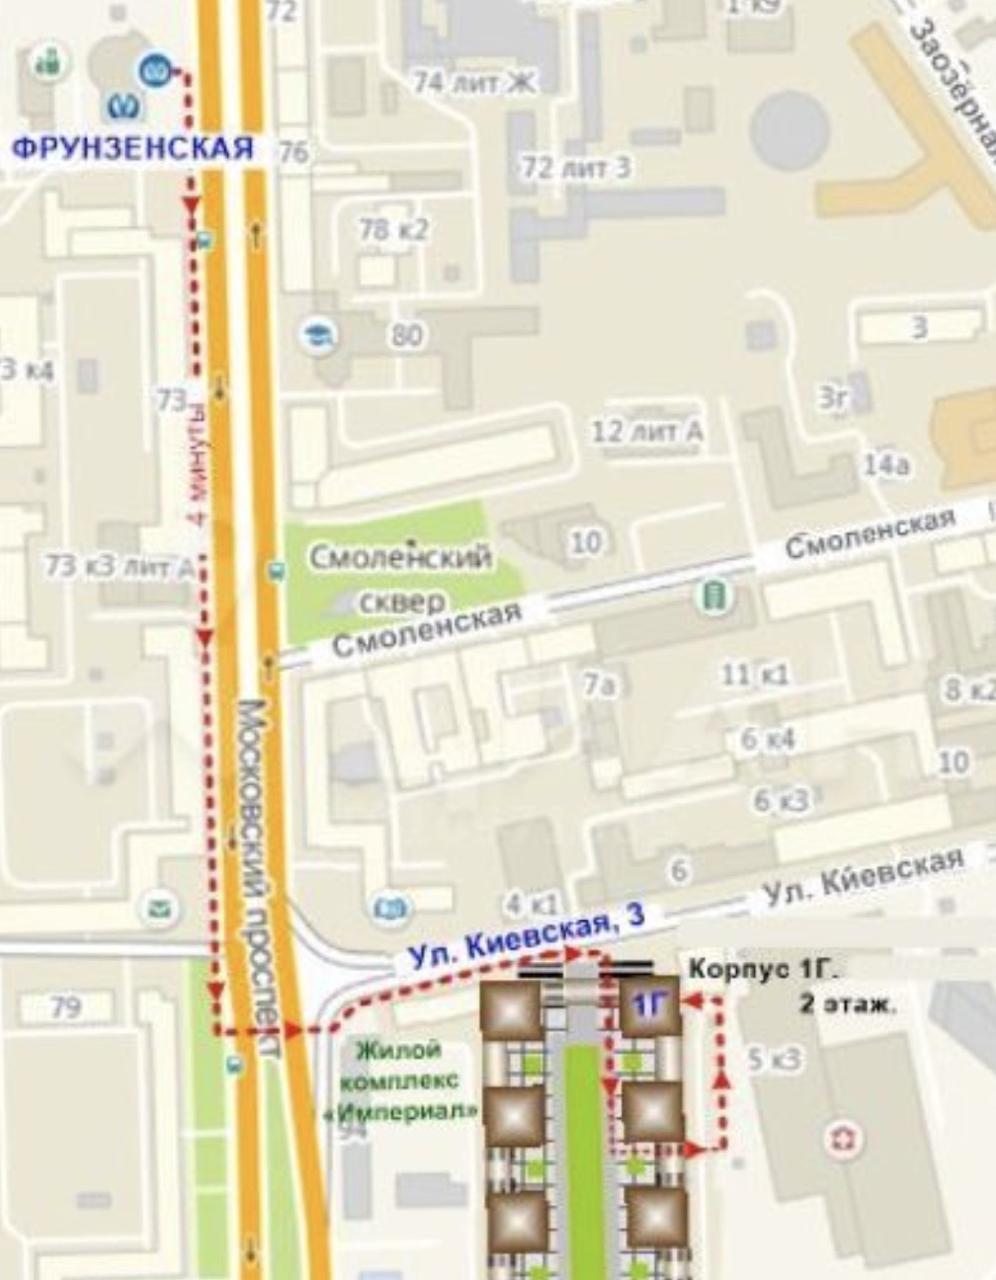 Схема проезда Киевская ул., 3